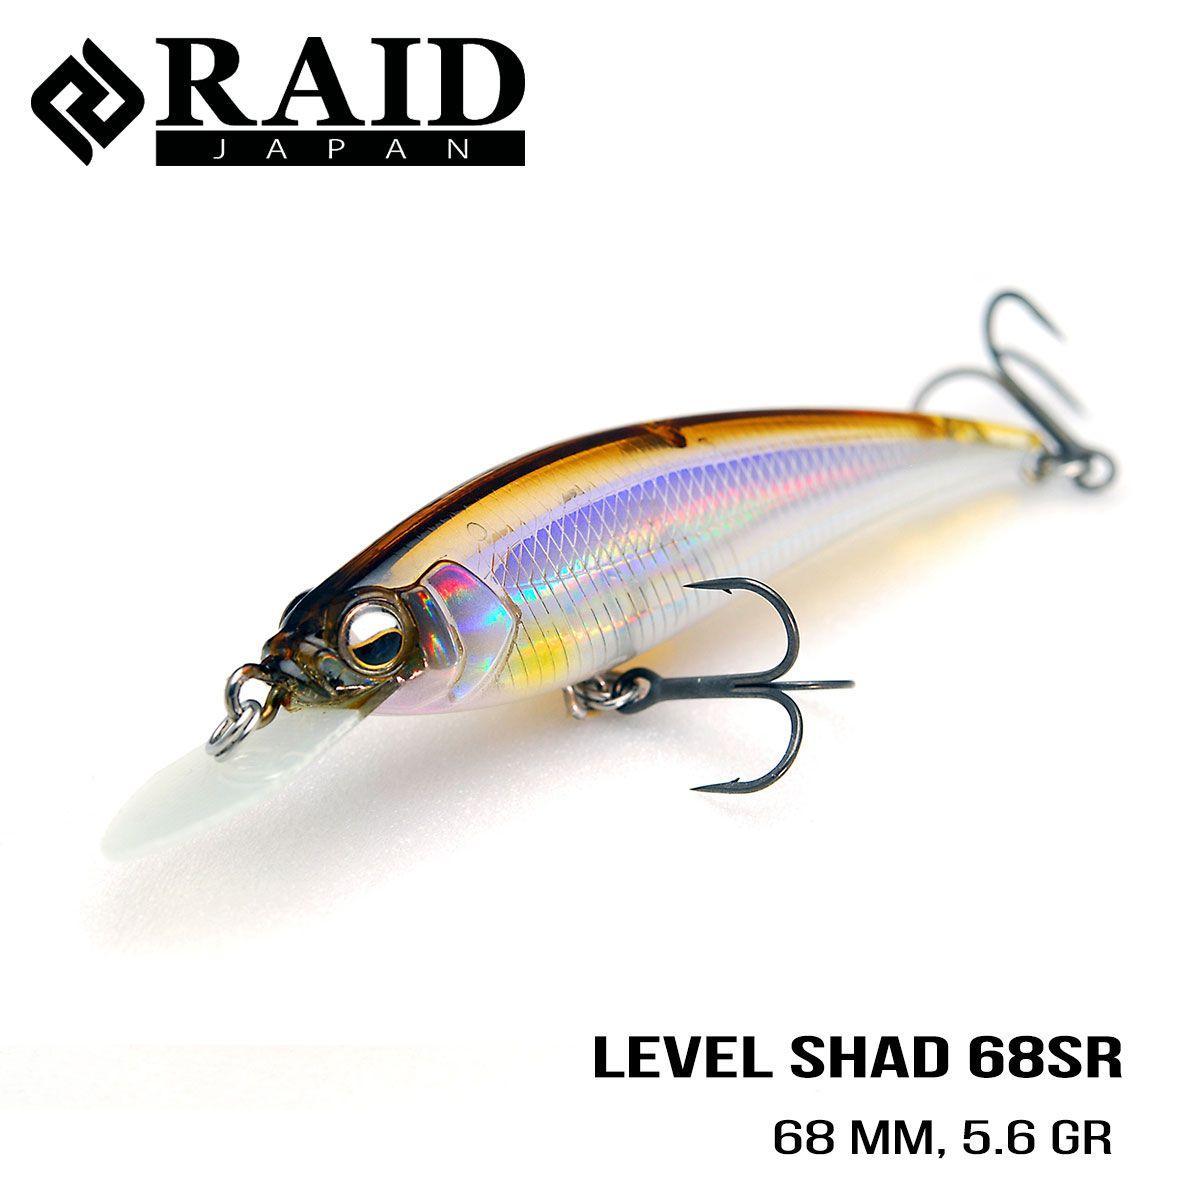 Воблер Raid Level Shad Sprinter 68SR (68mm, 5.6g) (008 Fuyuu Ebi)